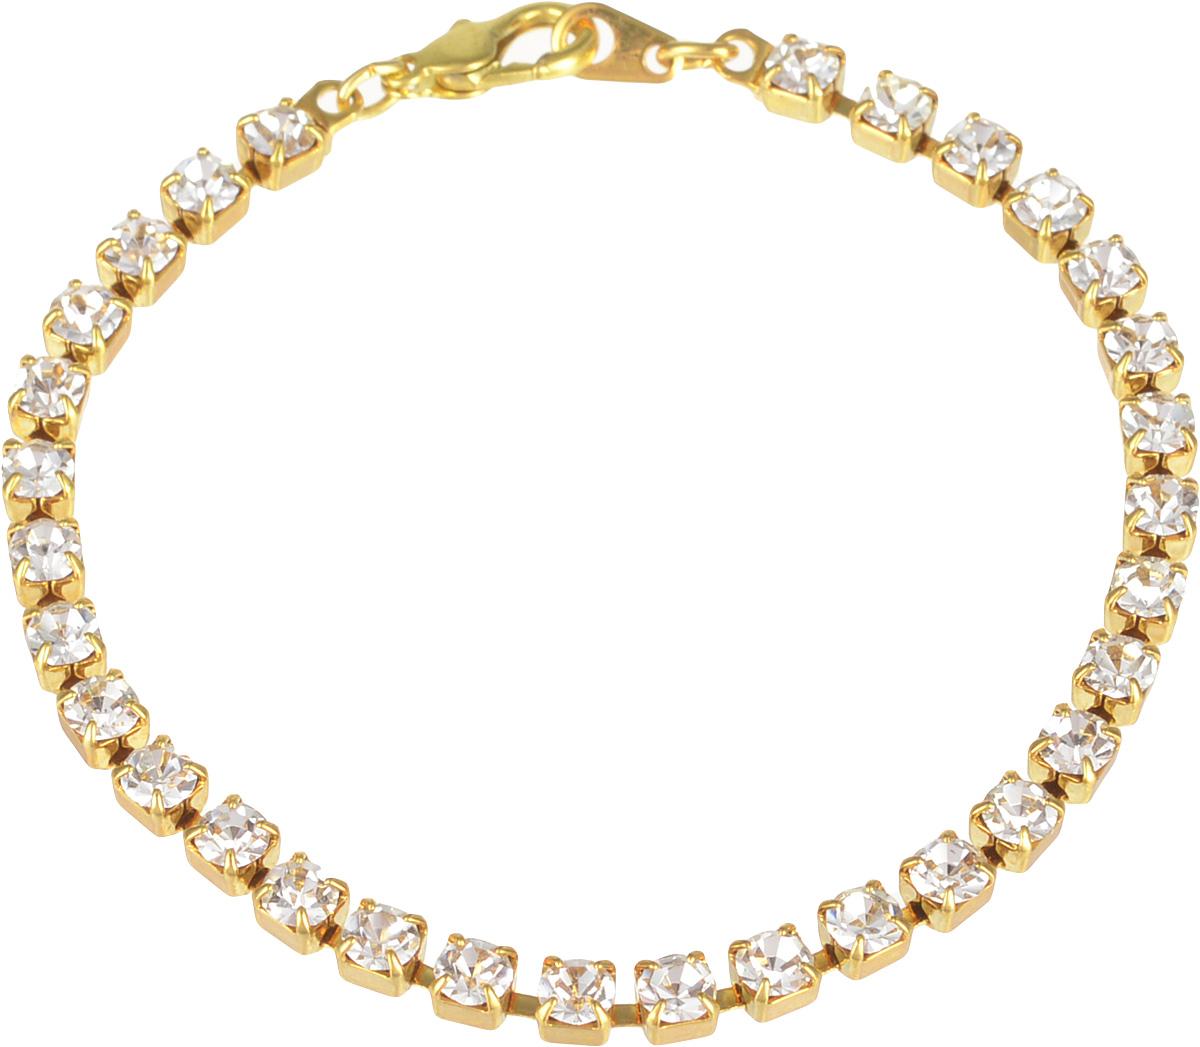 Браслет Bohemia Style, цвет: кристалл. 7457 6180 DS7457 6180 DS браслетоднорядный стразовый браслет,размер камня 4х4мм